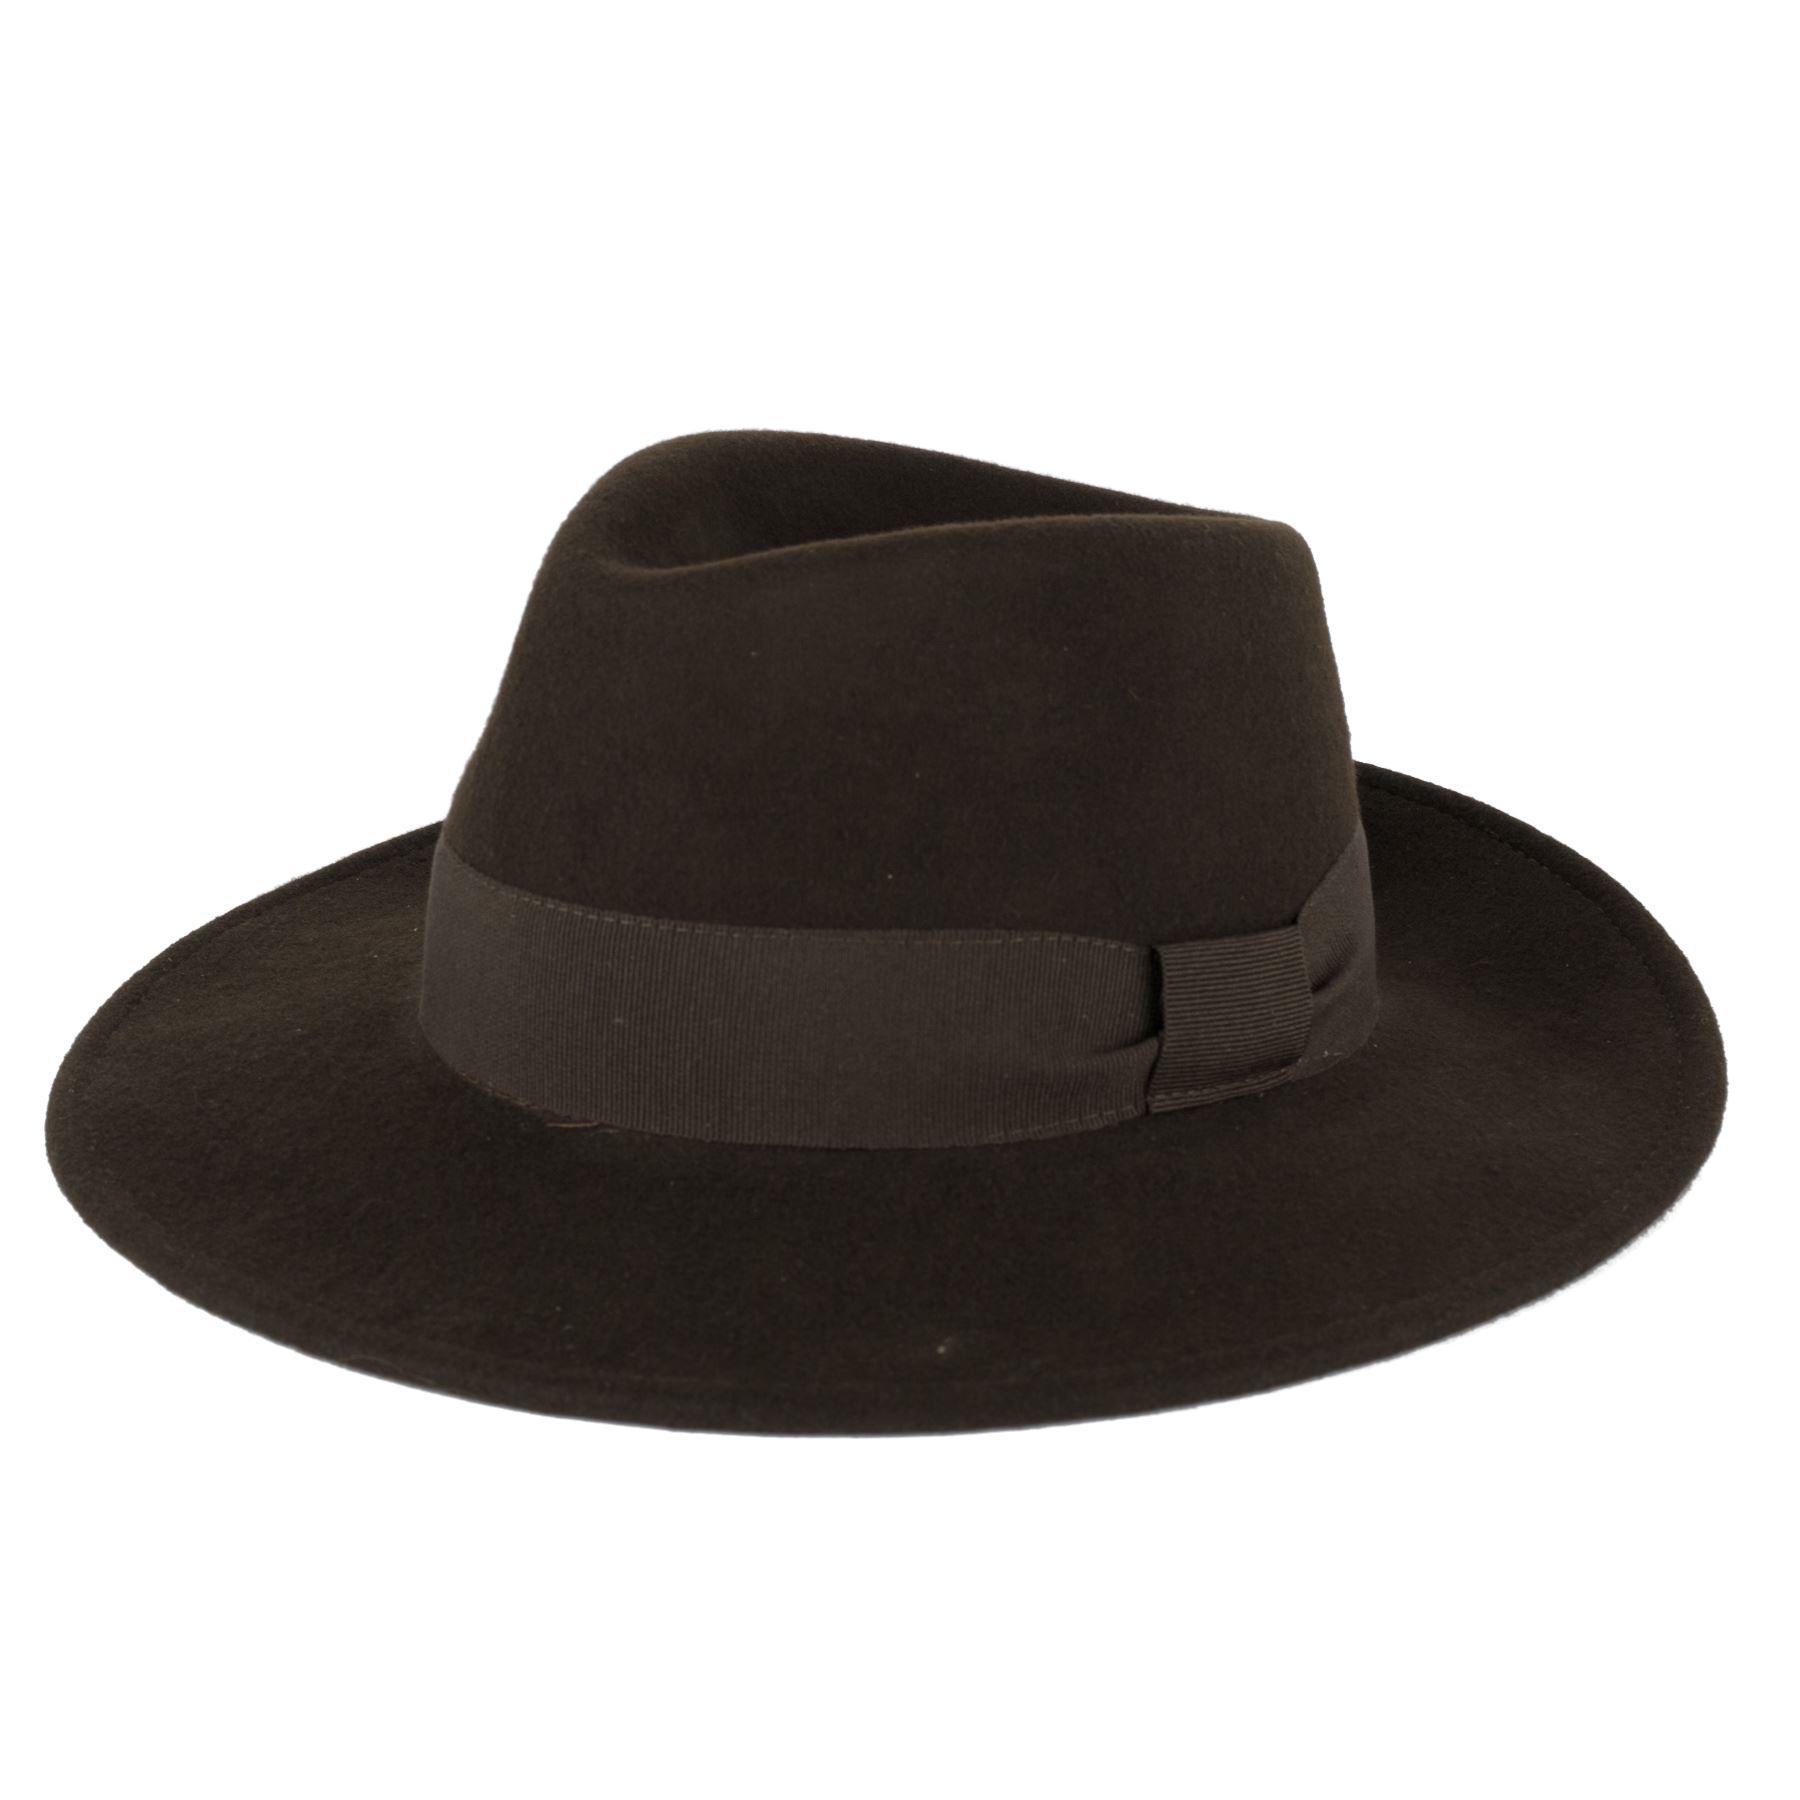 Mens-Ladies-100-lana-hecha-a-mano-Italia-Fedora-sombrero-con-banda-de-Grosgrain